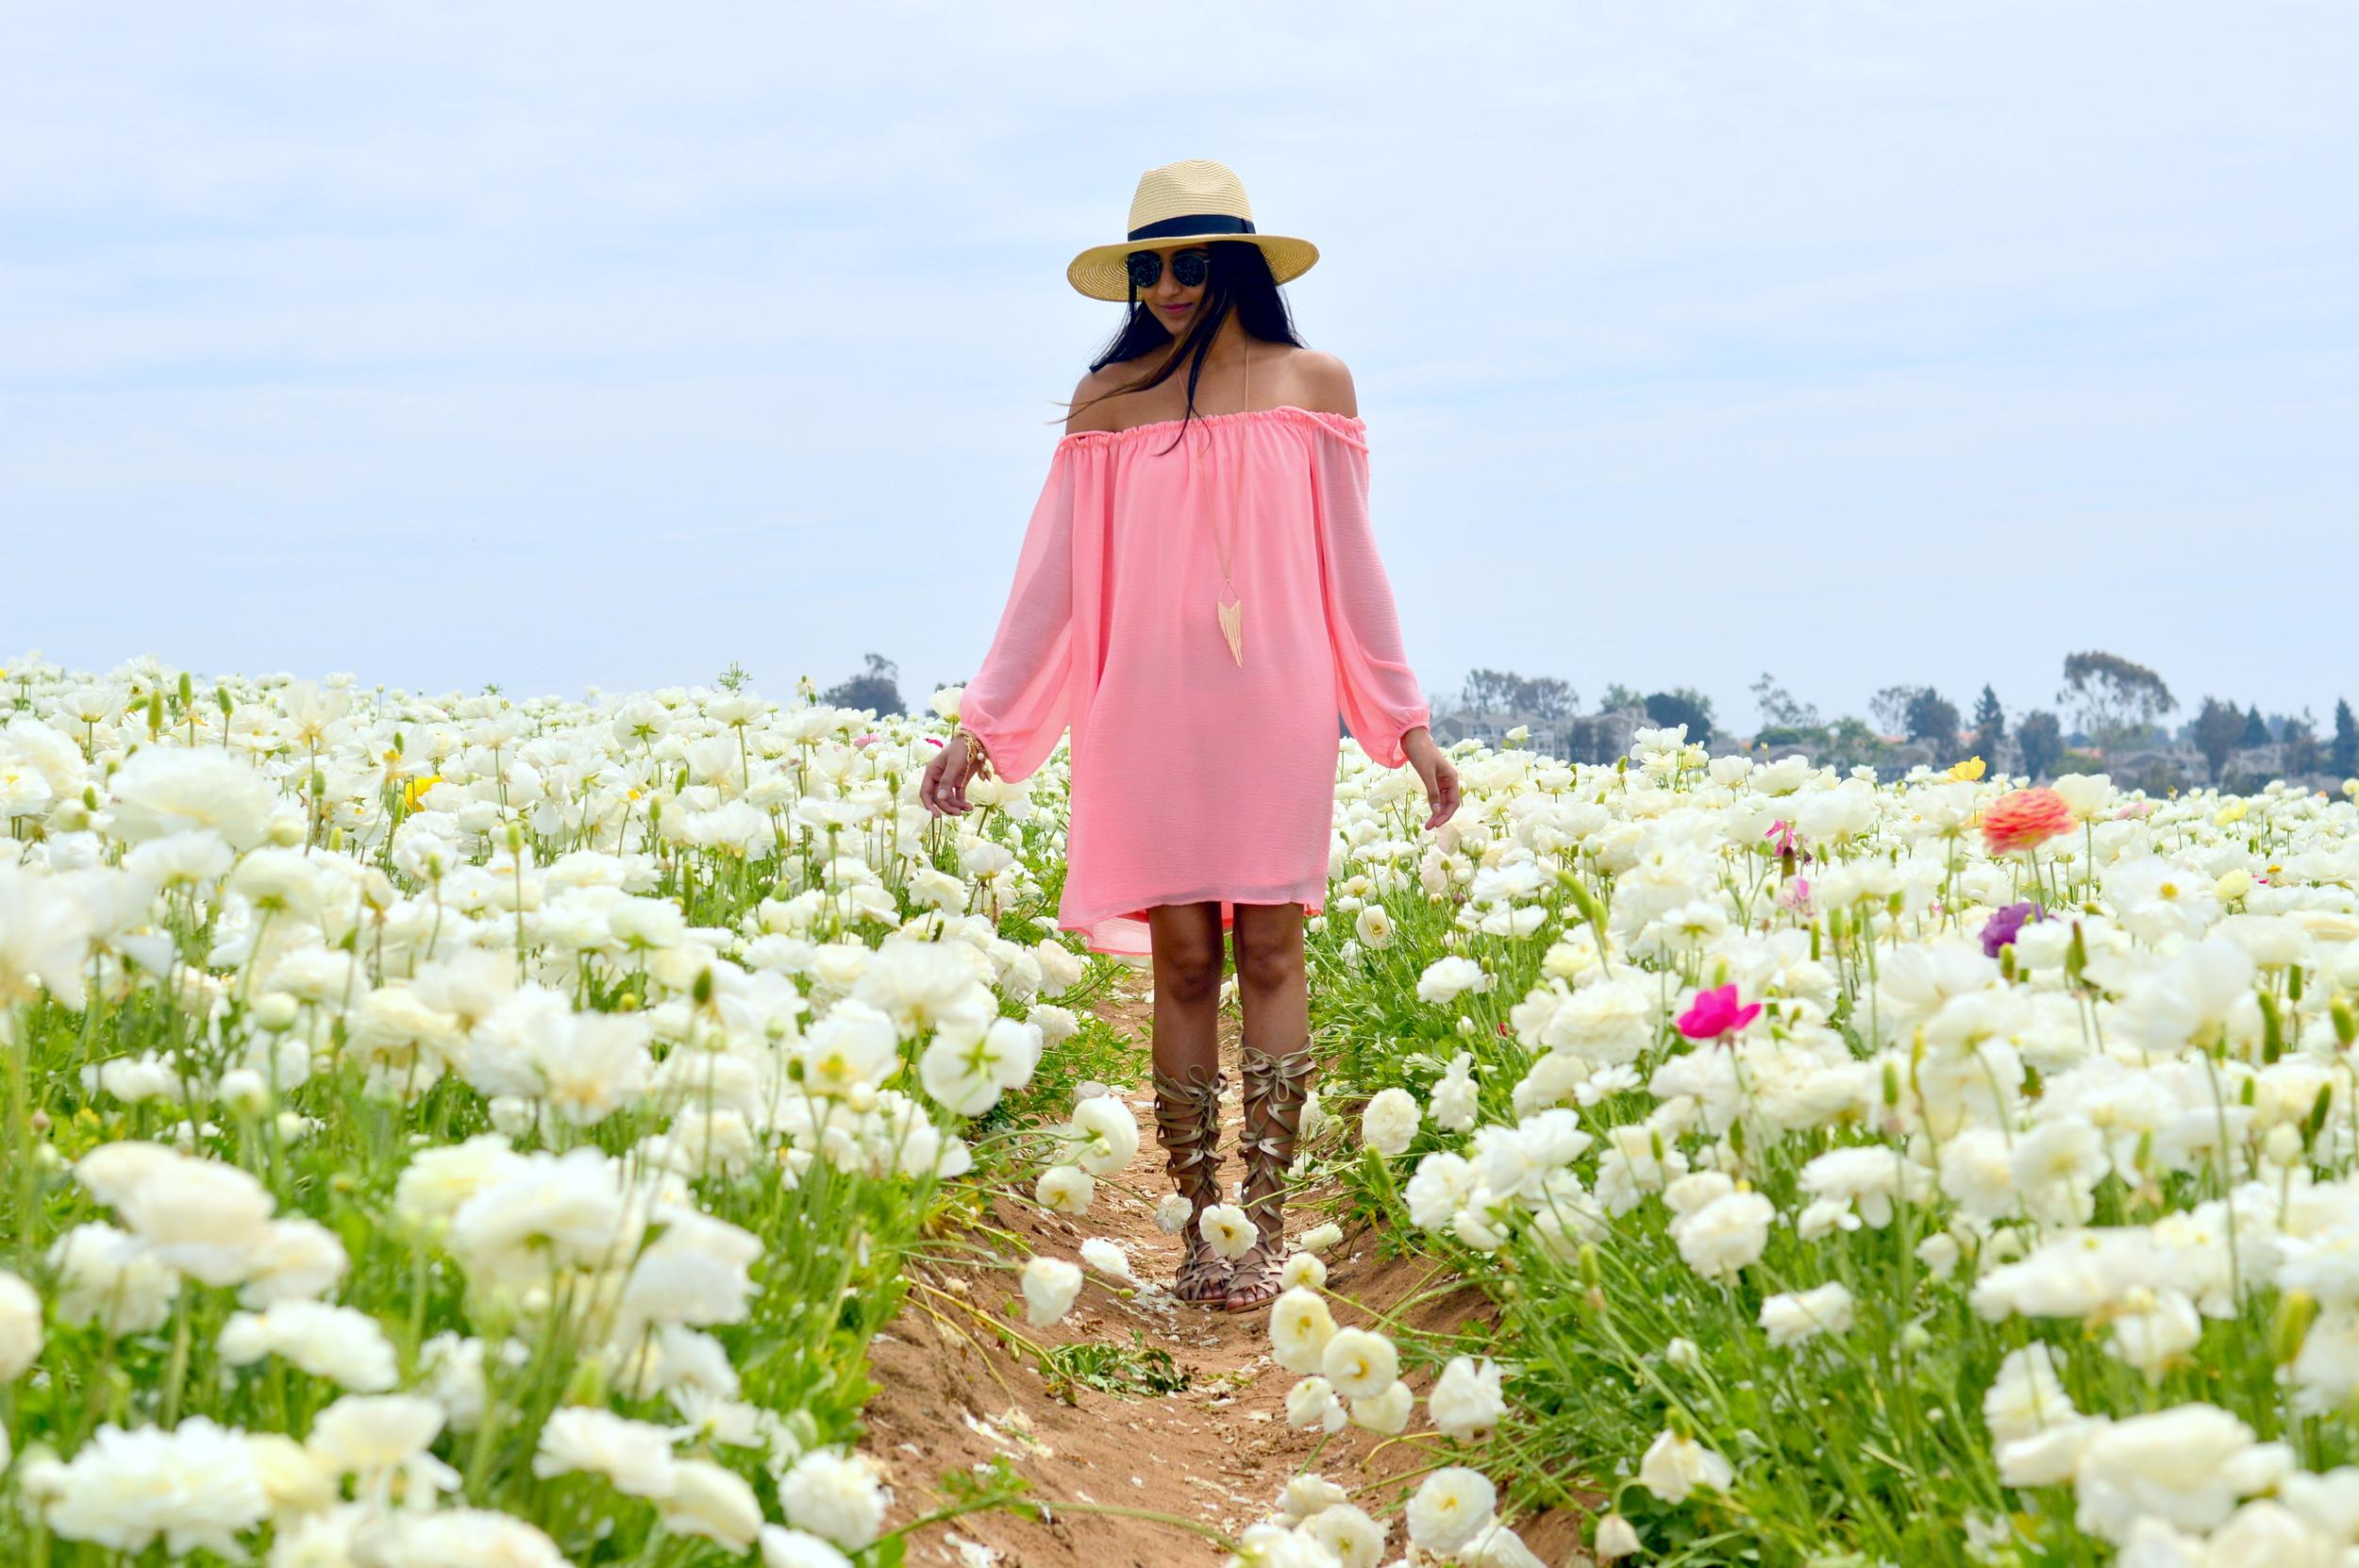 off-shoulder-dress-boho-festival-style-flower-fields 3